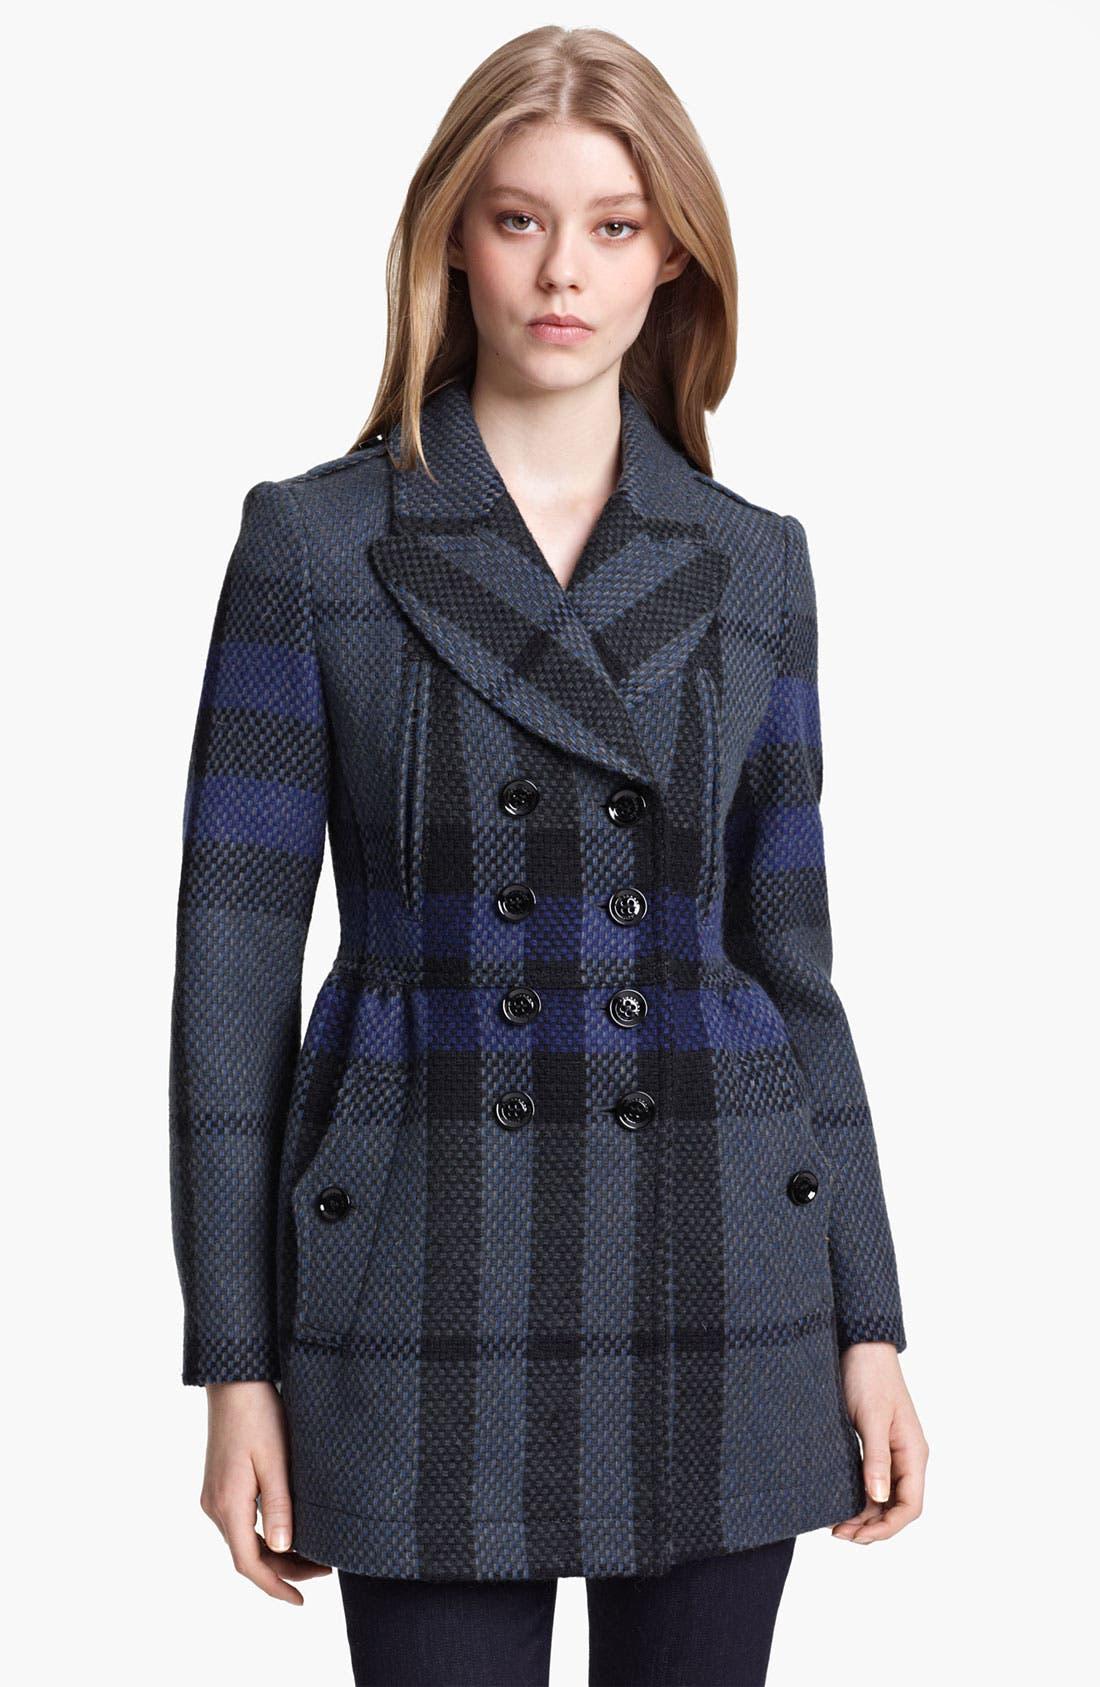 Alternate Image 1 Selected - Burberry Brit Wool Peacoat